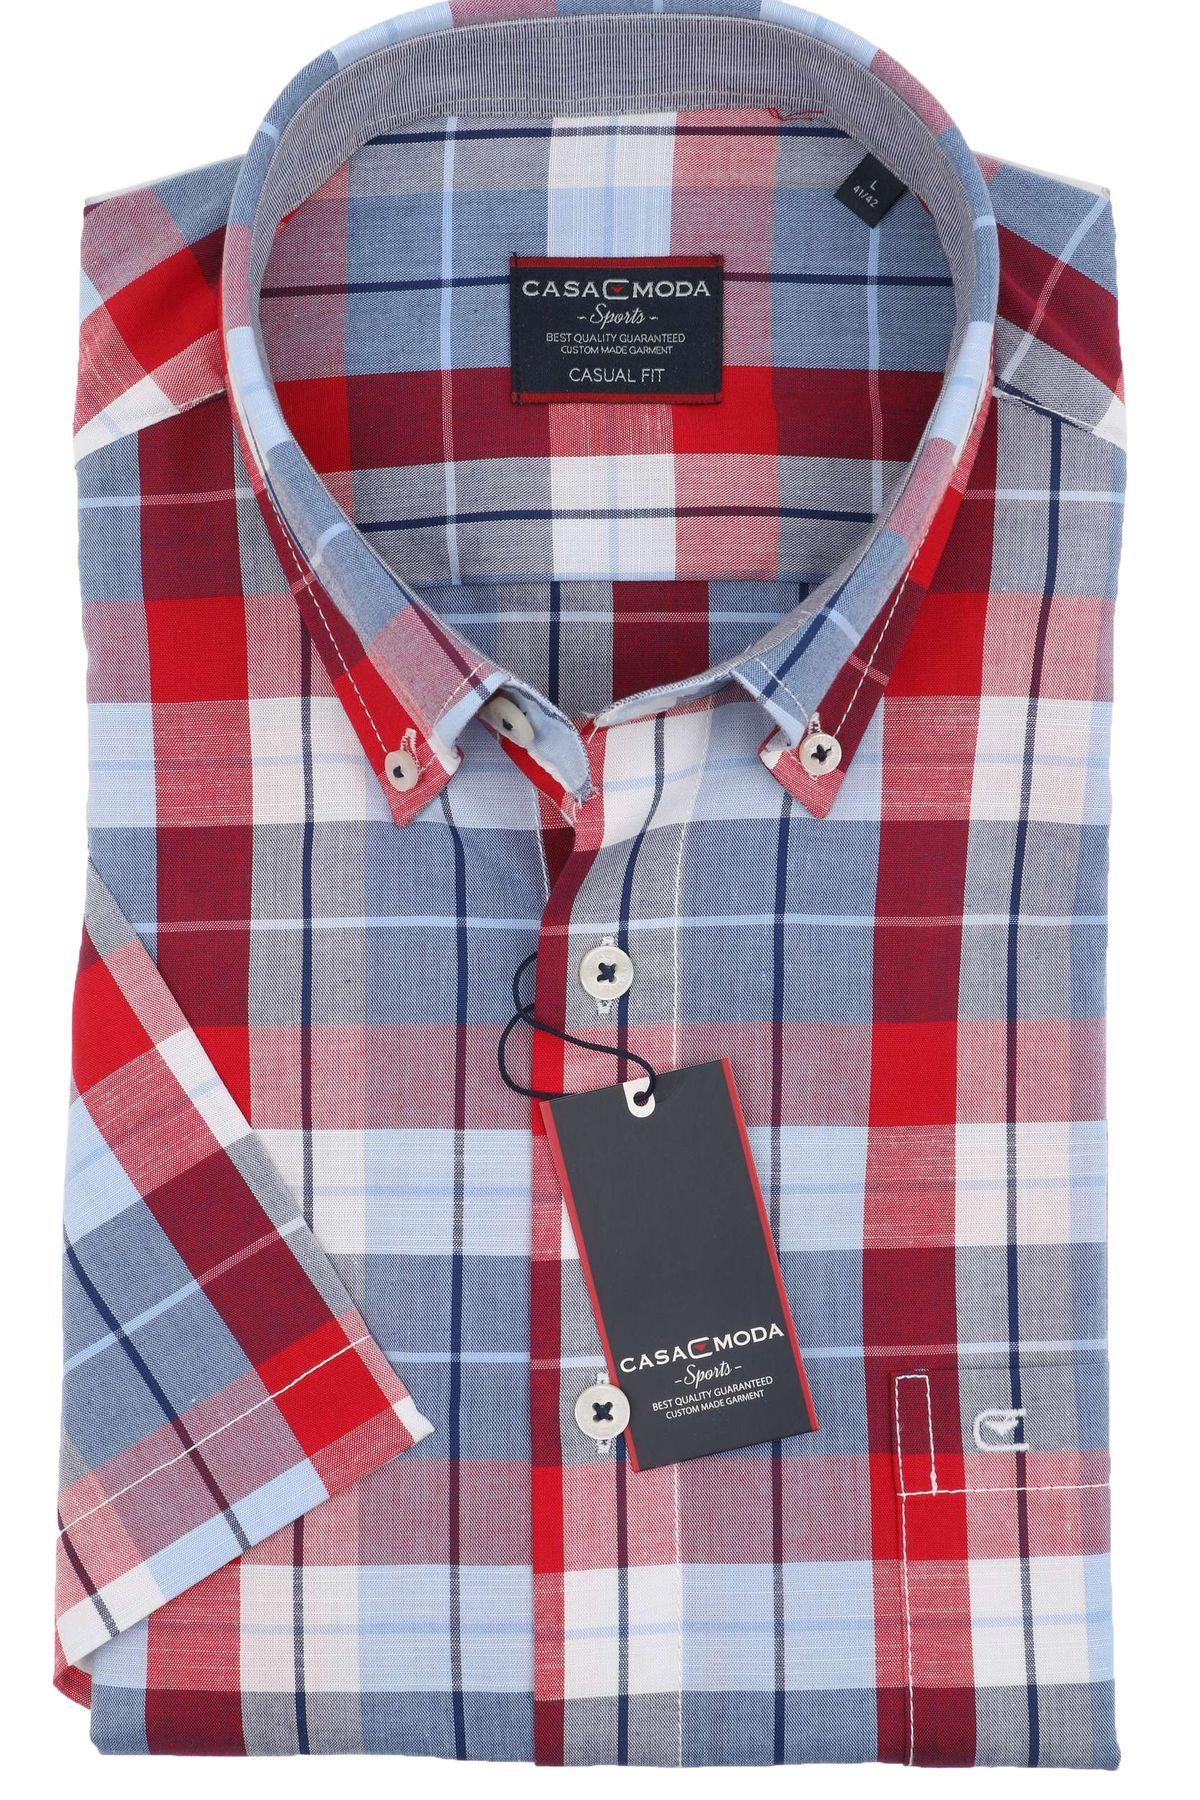 Casa Moda - Casual Fit - Herren Freizeit 1/2-Arm-Hemd in verschiedenen Farben mit Button-Down-Kragen (983079000) – Bild 4